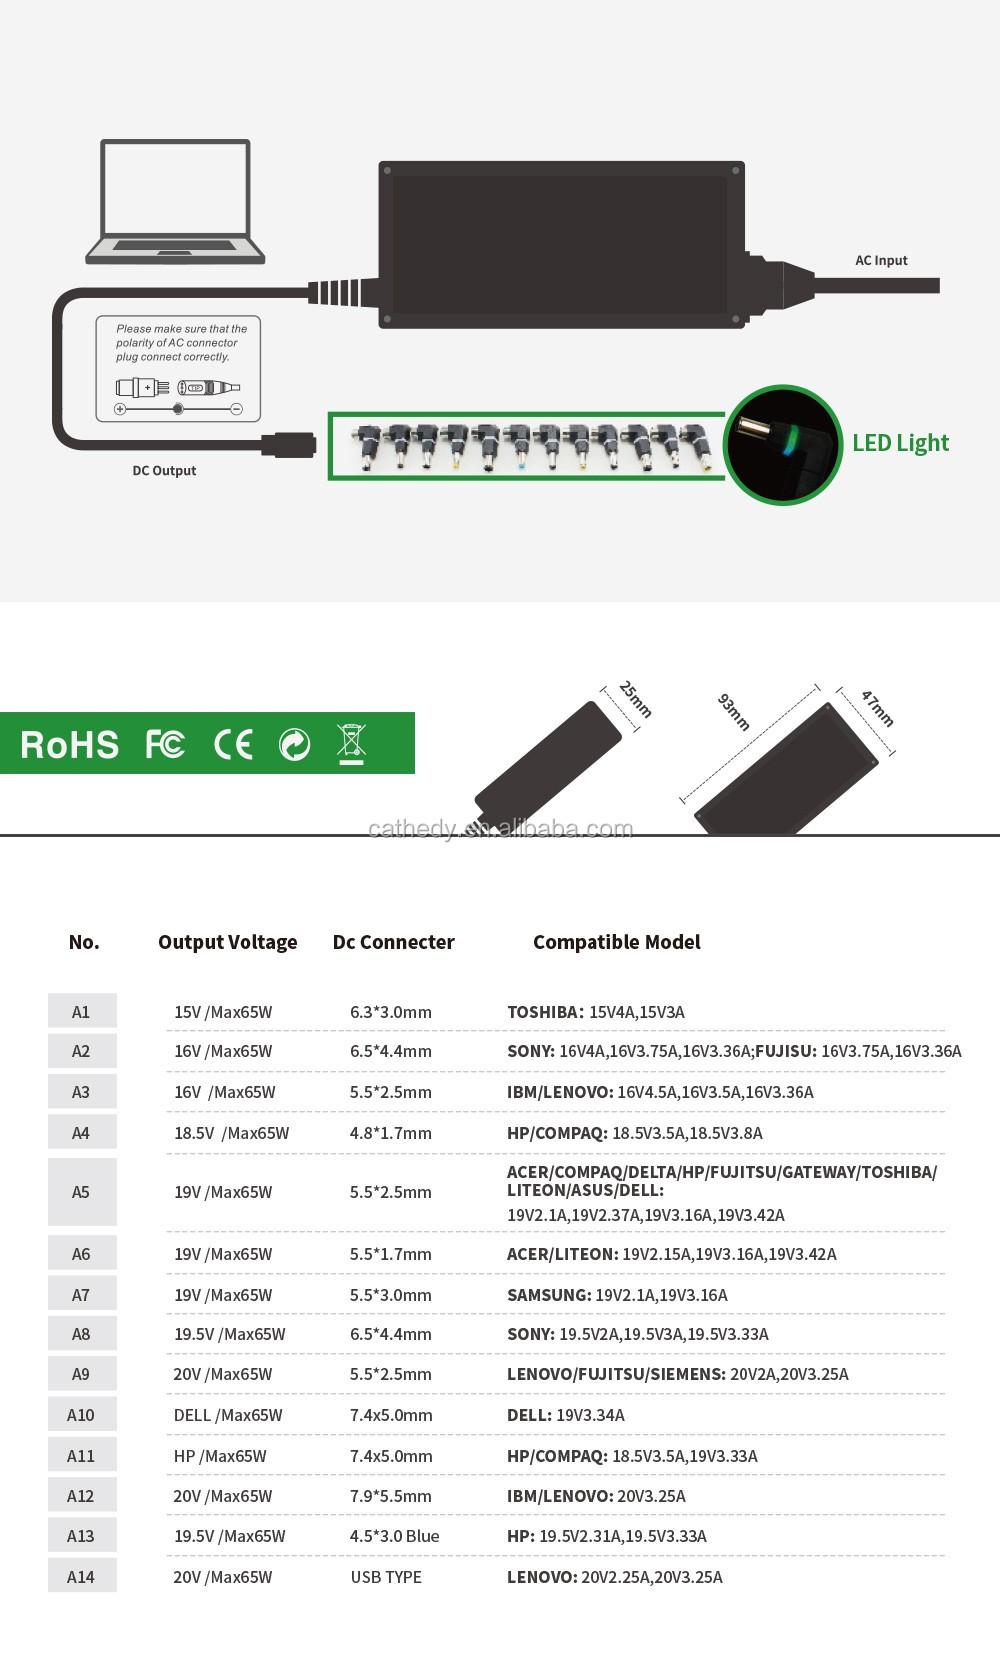 New Slim 15v/16v/18.5v/19v/20v 65w Laptop Universal Ac